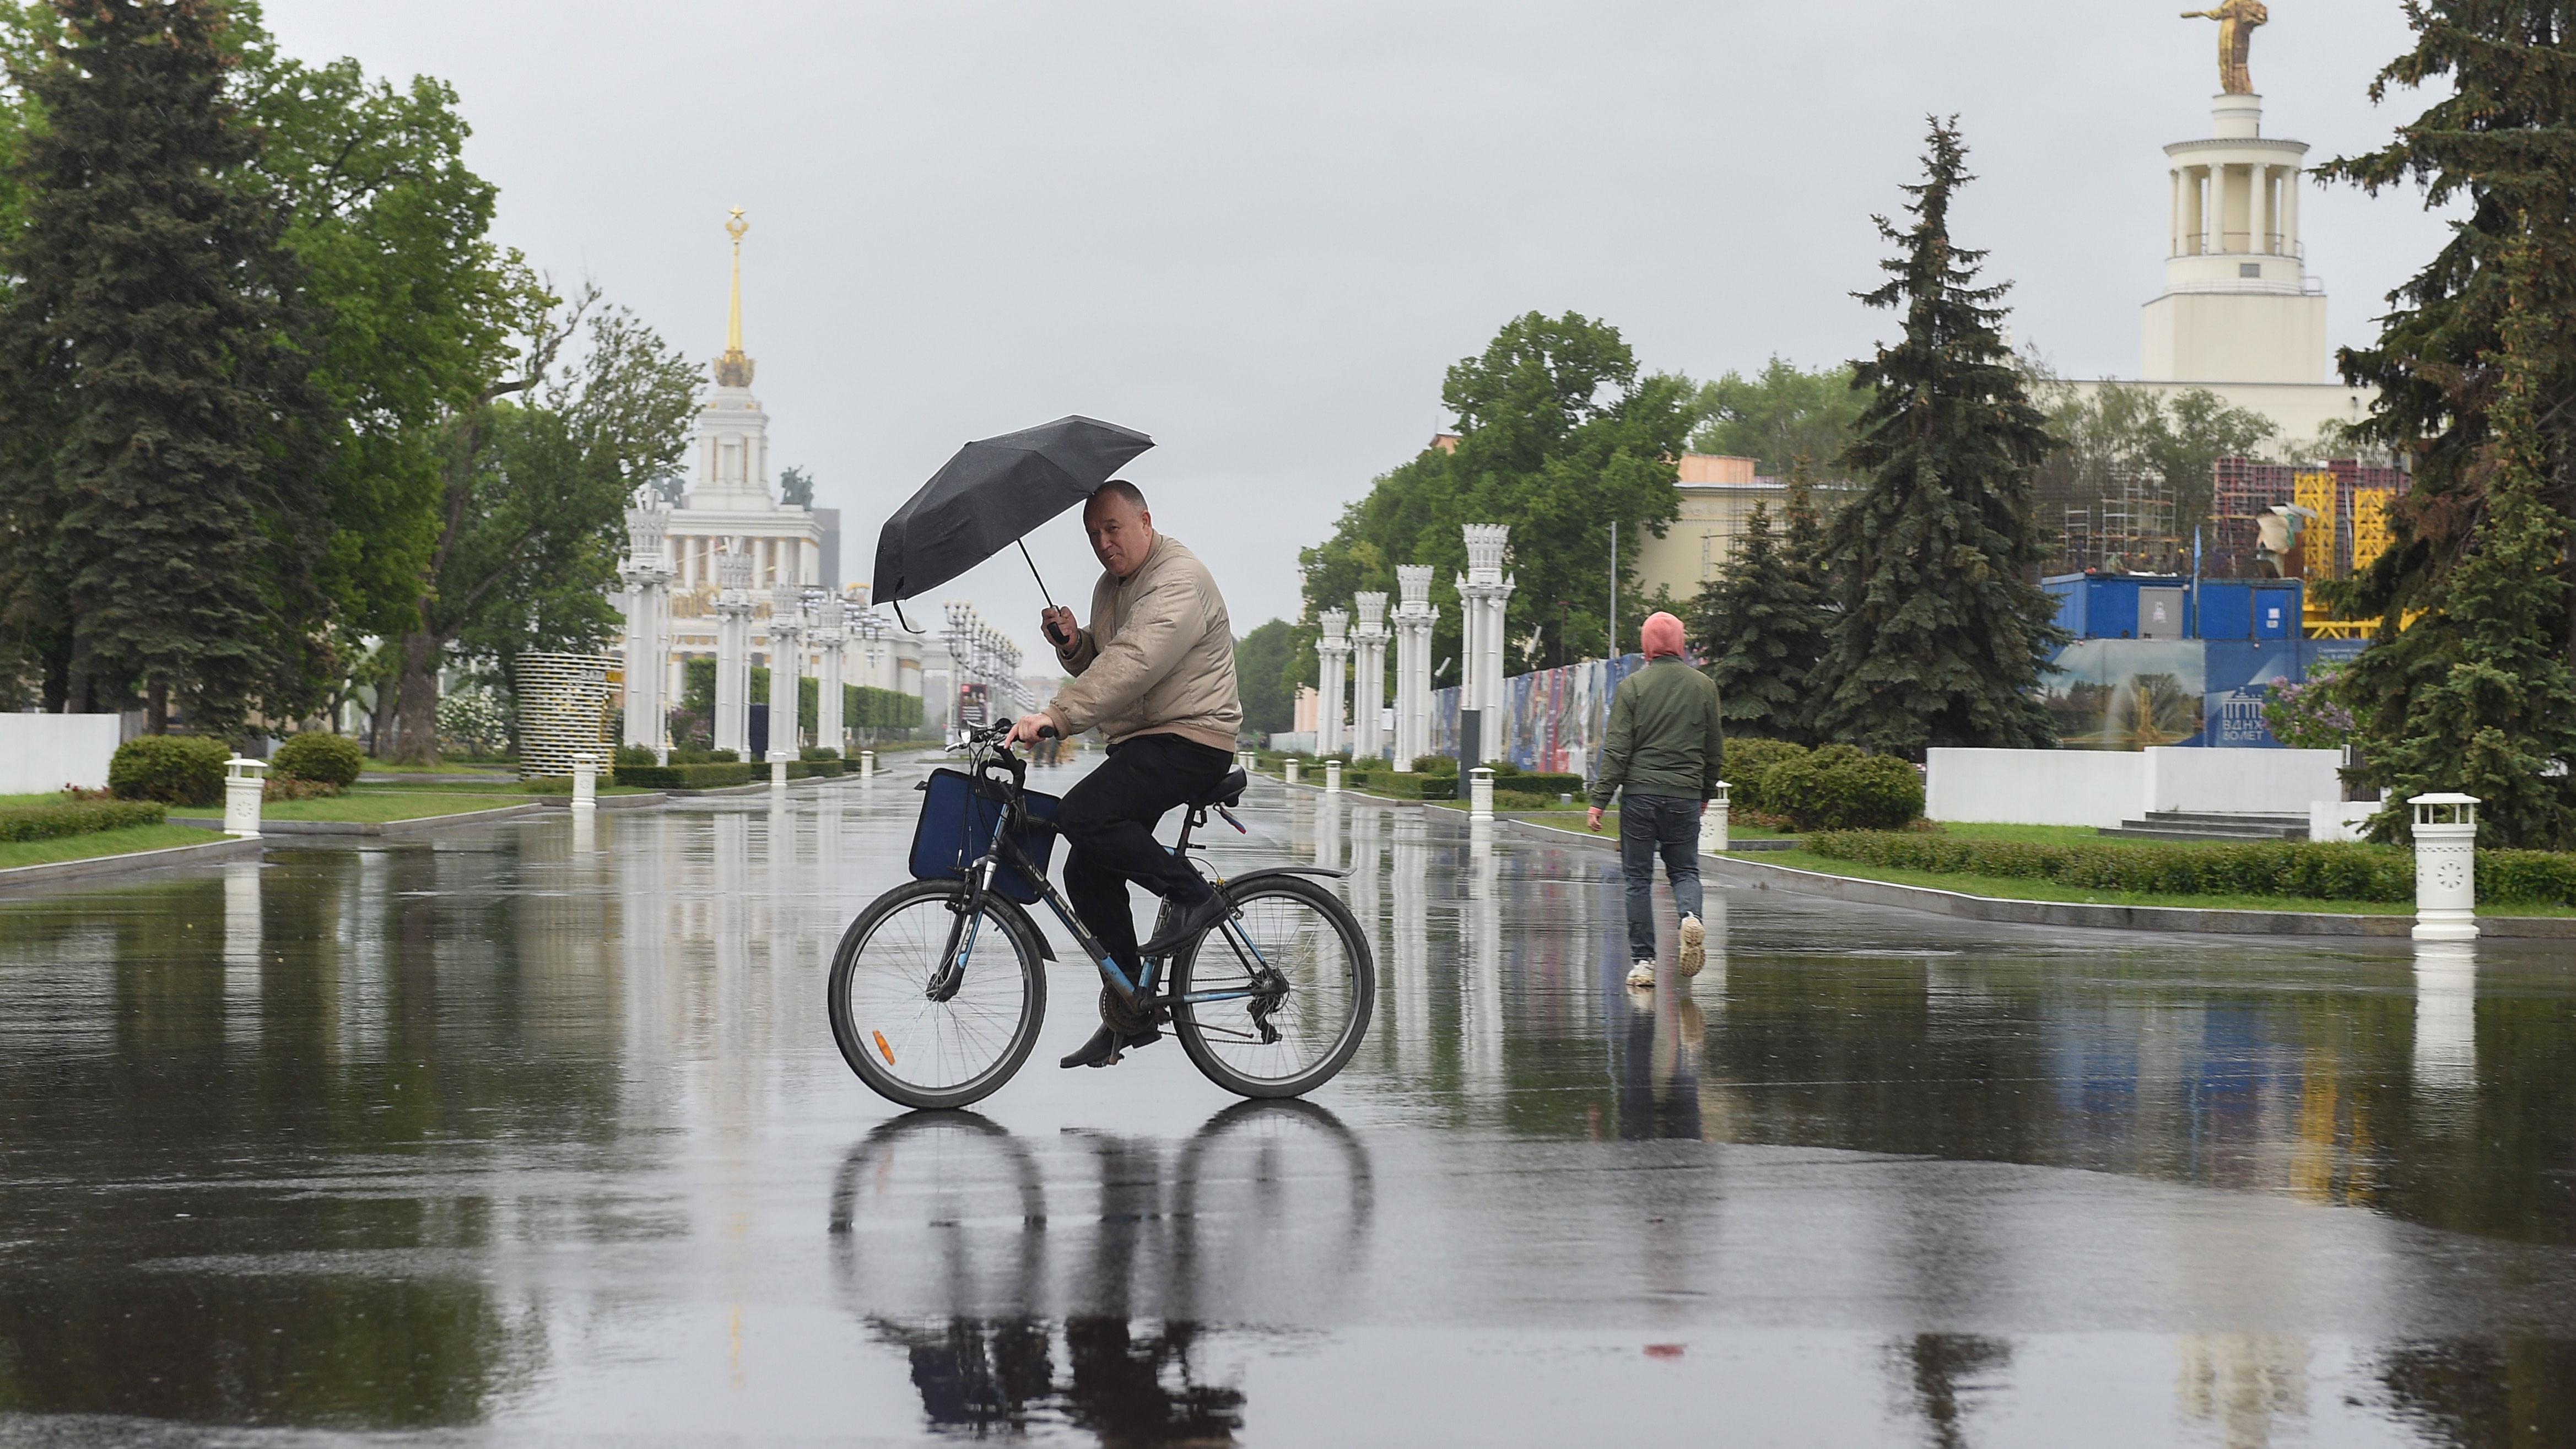 Тепло и грозы: синоптики рассказали о погоде в Москве на 5 июня